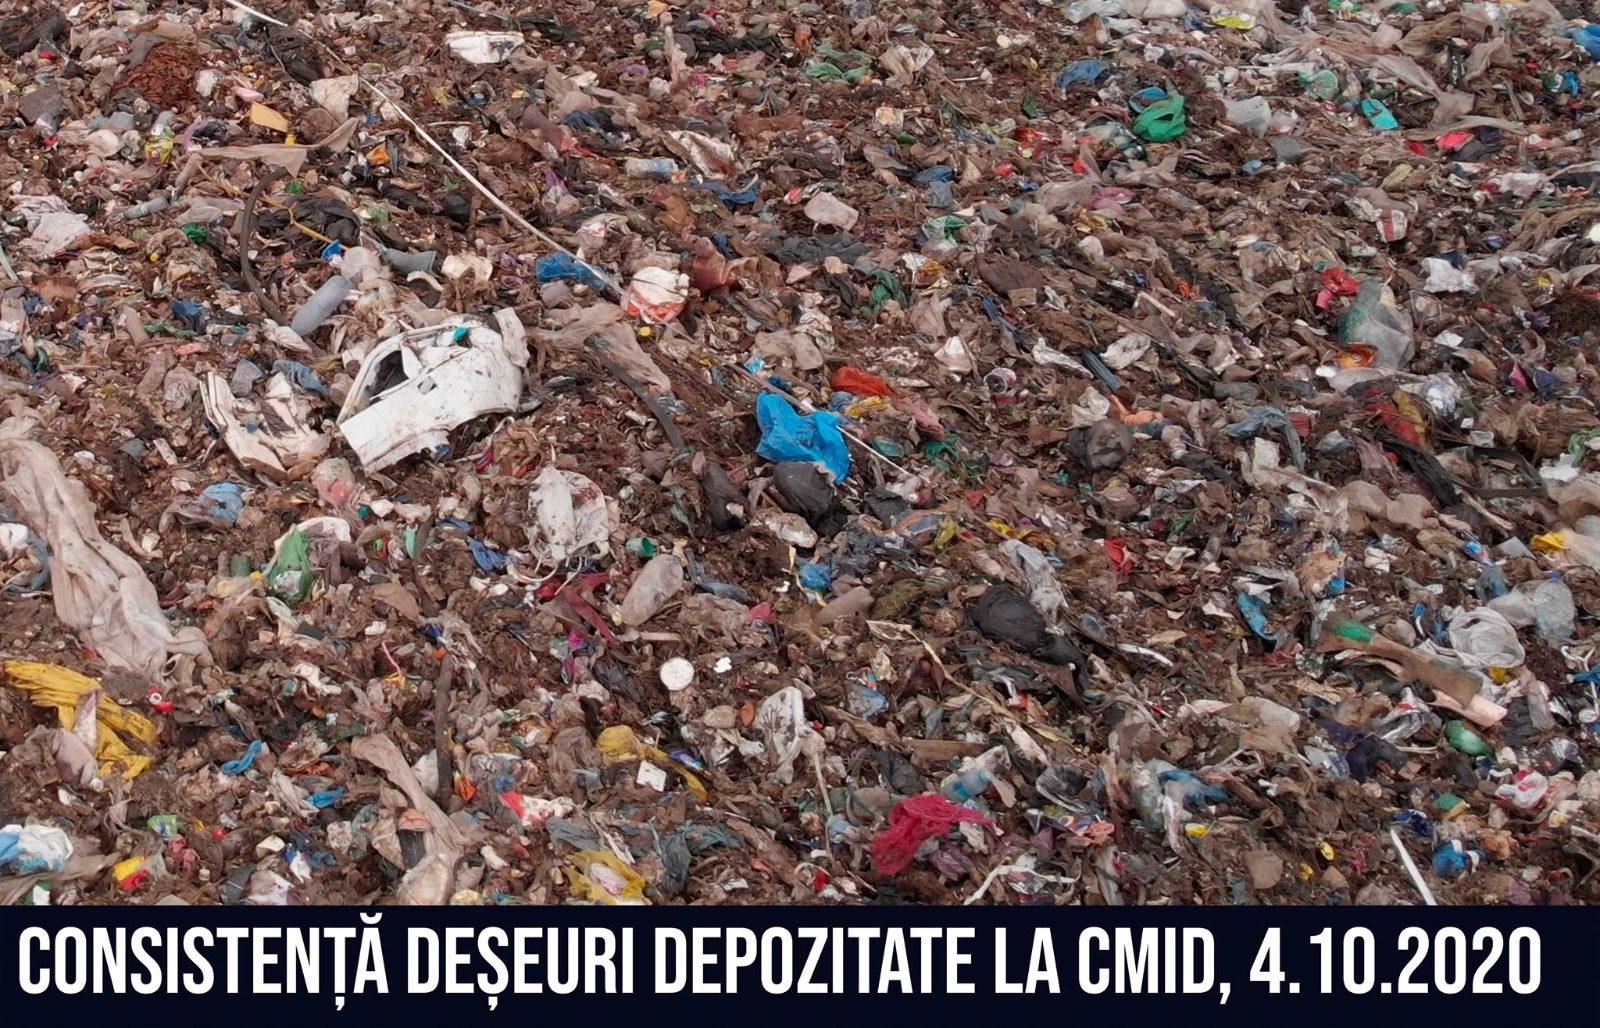 De ce pute la Cluj și cum facem să rezolvăm această problemă?